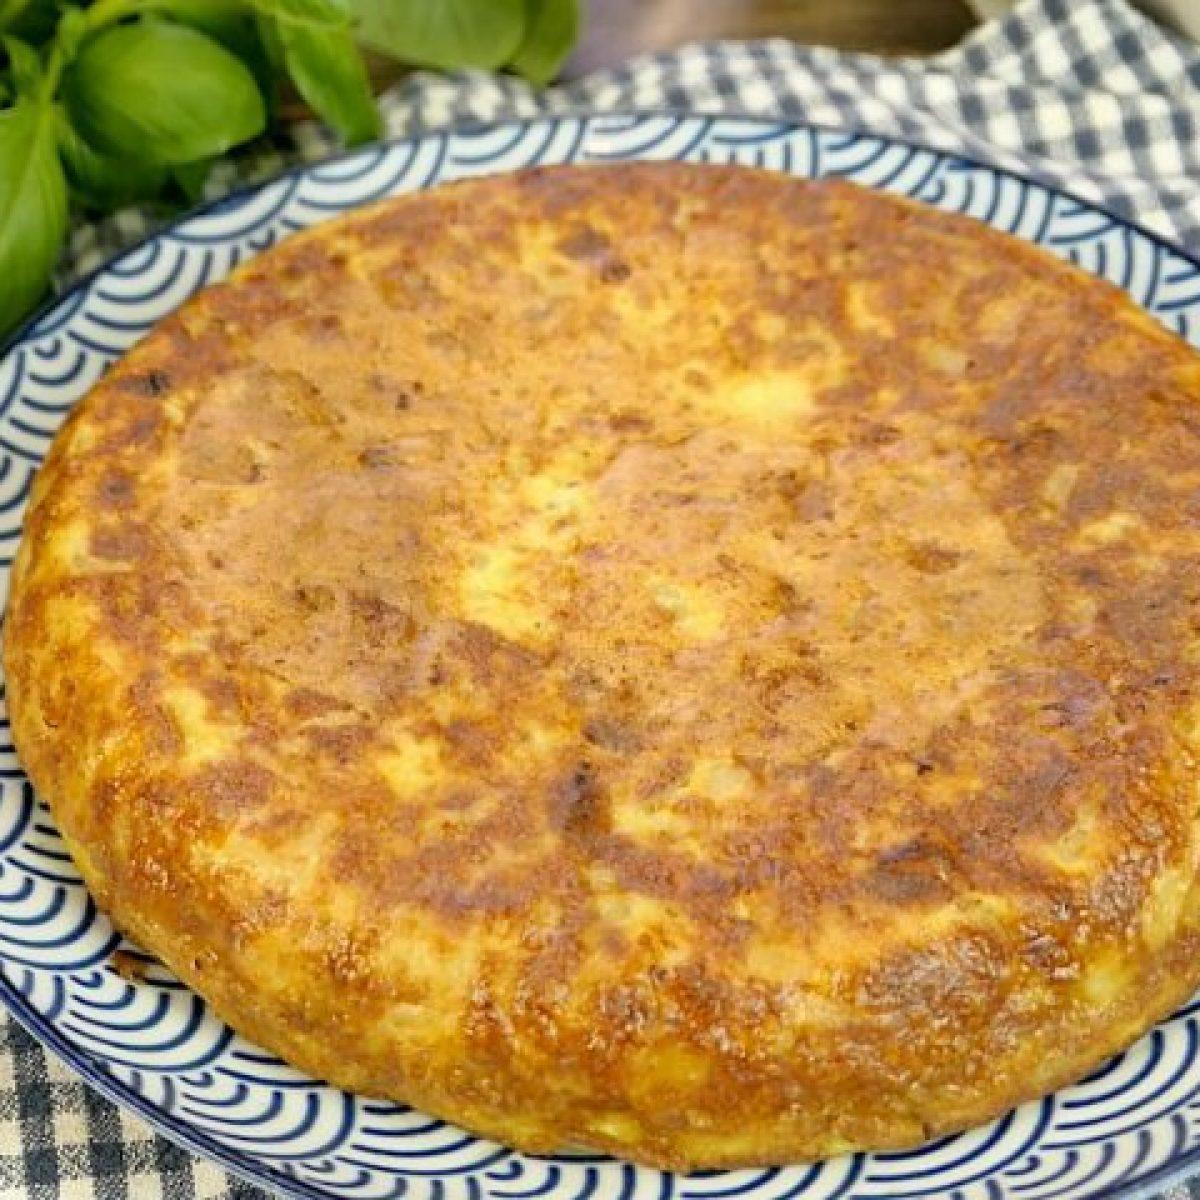 Ricetta Tortillas Patate E Cipolla.Frittata Di Patate E Cipolle La Ricetta Del Piatto Nutriente E Ricco Di Sapore